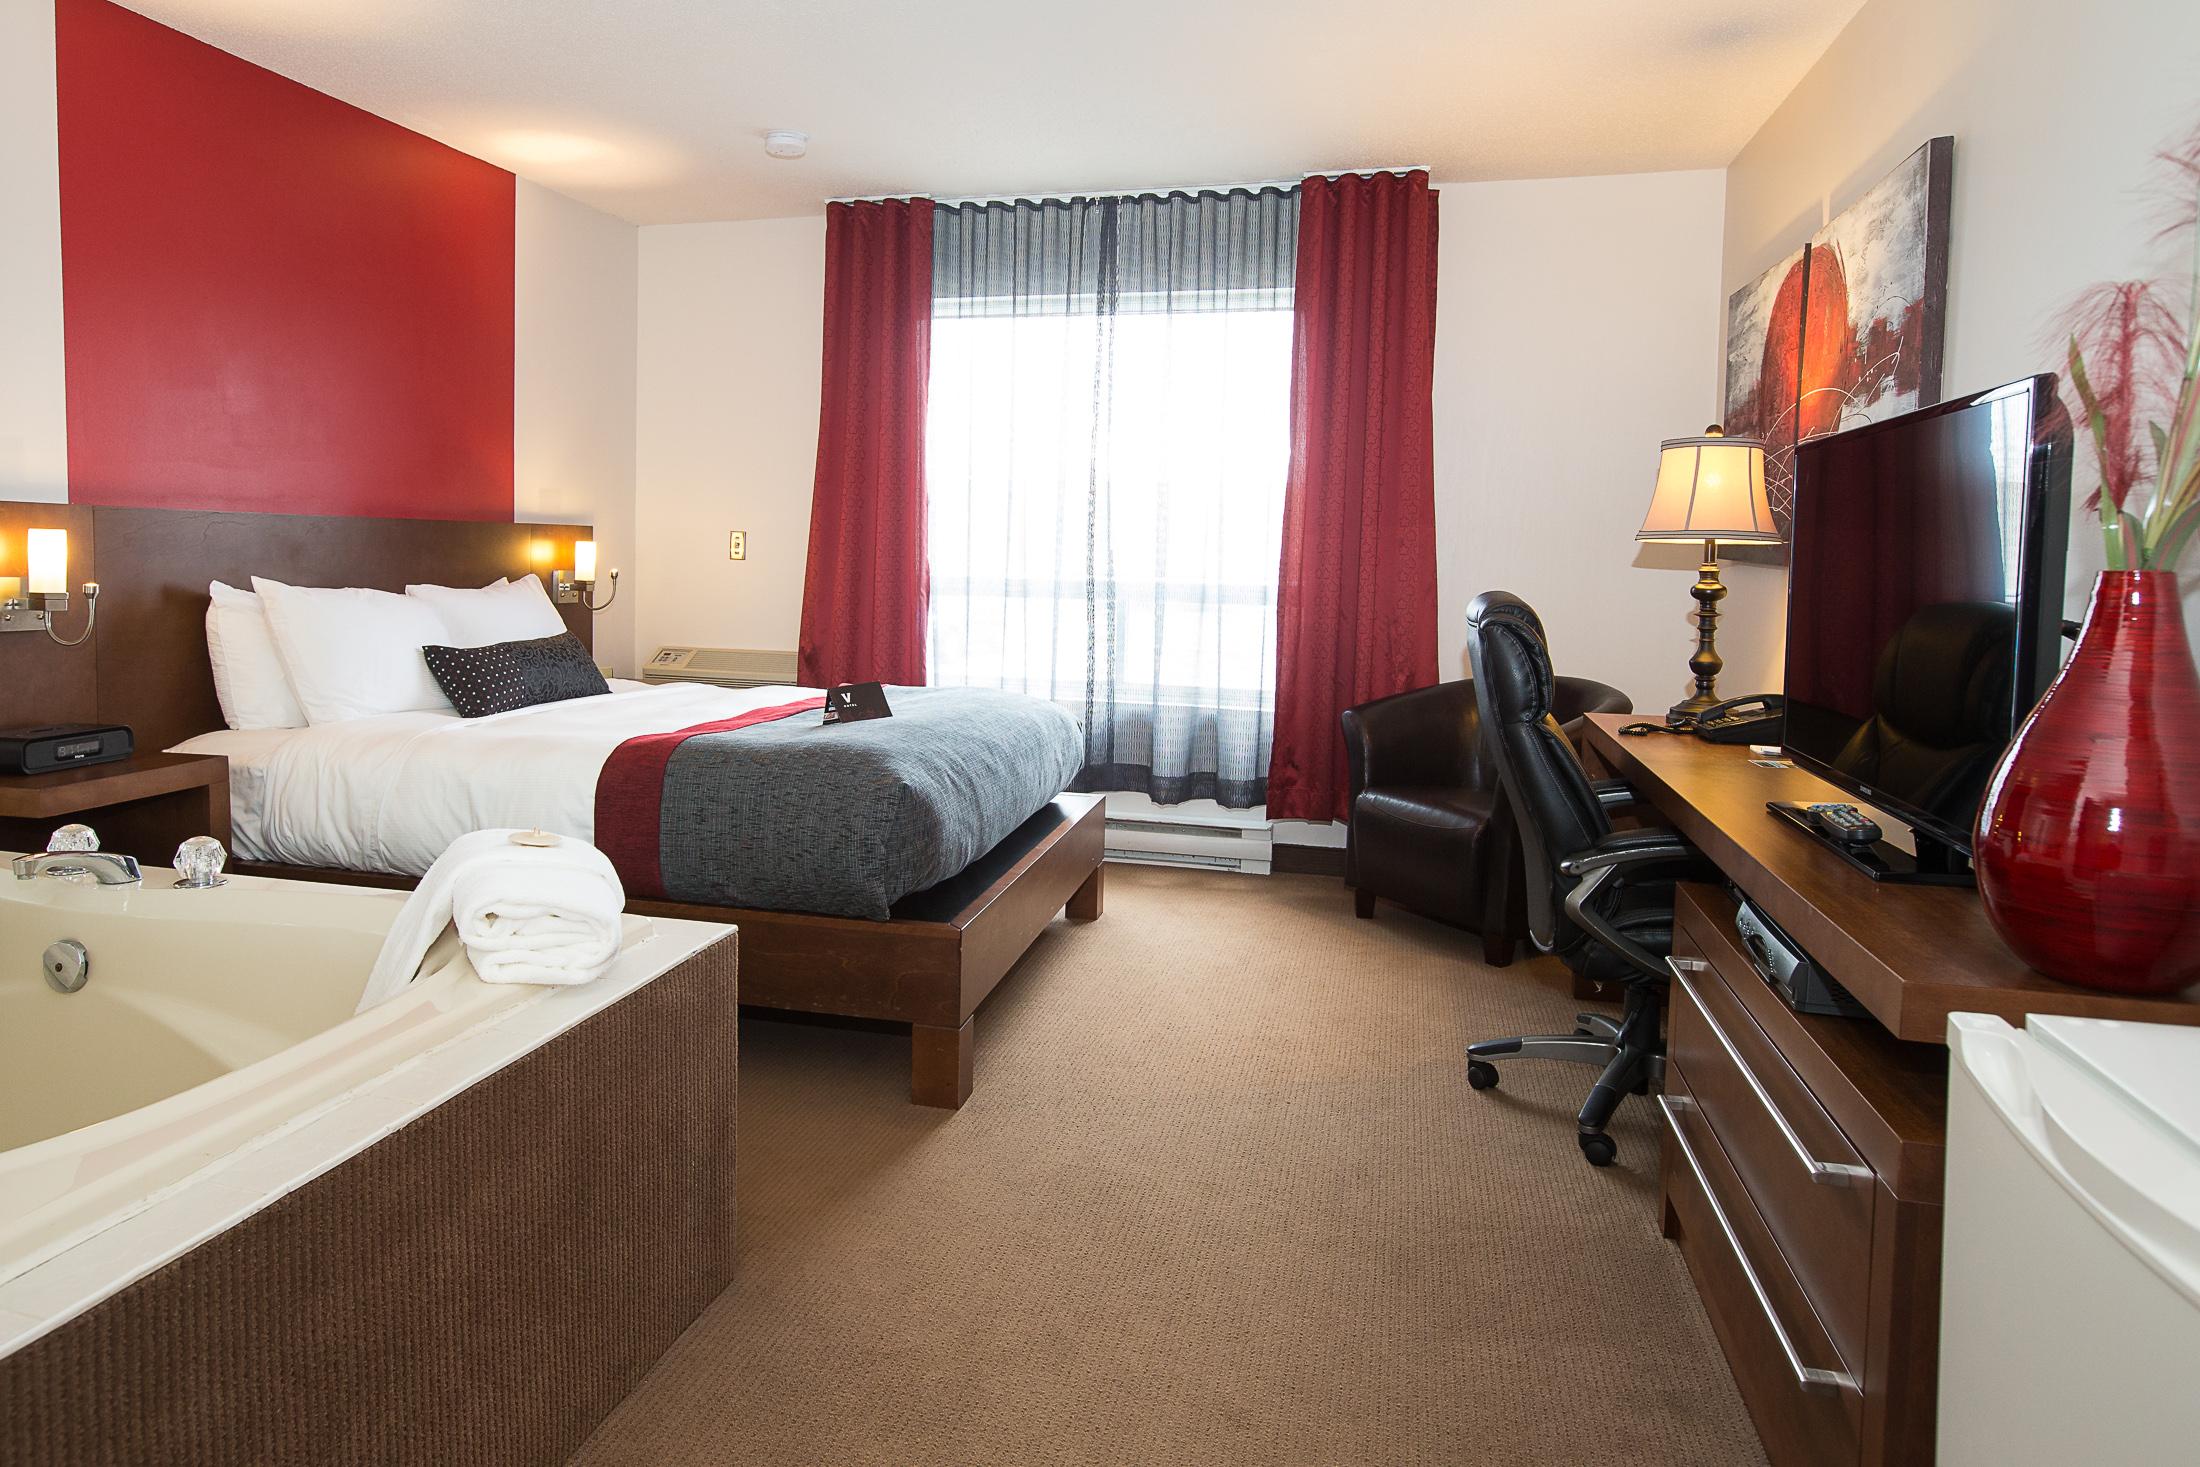 Hotel Foyer Bain Tourbillon : Chambres et tarifs hôtel v